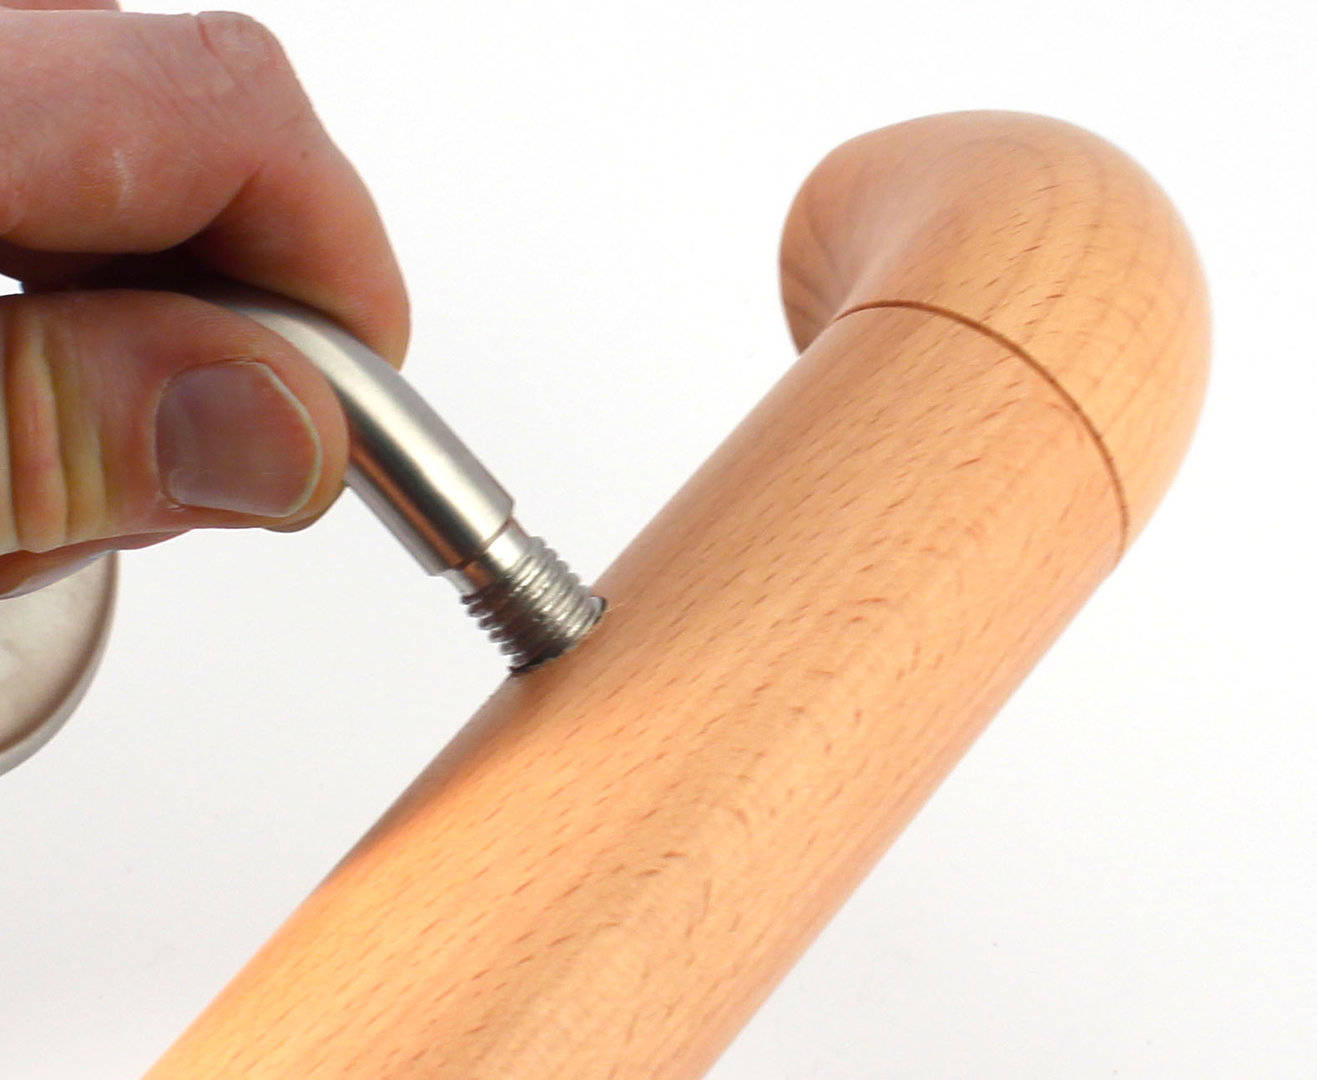 Buche, 140cm Holz-Handlauf Set mit halbrunden Abschl/üssen und Haltern 50-250cm am St/ück